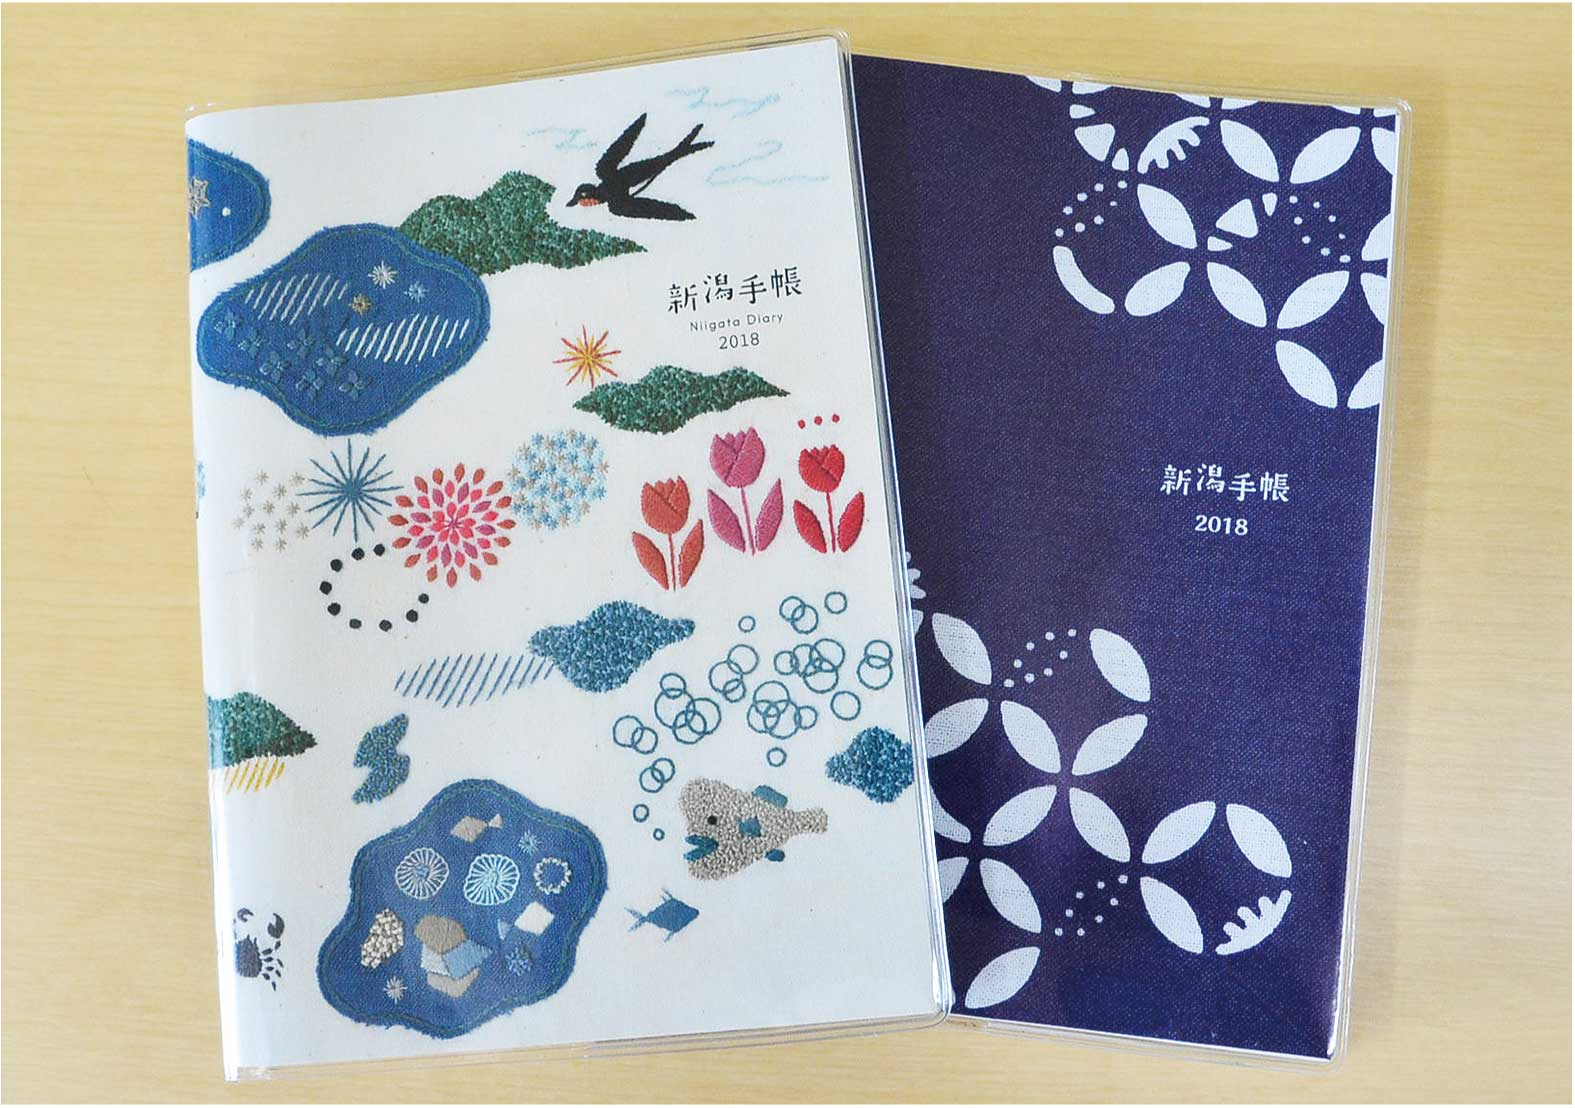 【商品開発】印刷会社の女性150名チームから誕生「新潟手帳」「にいがたもよう研究所」(2018年2月号)